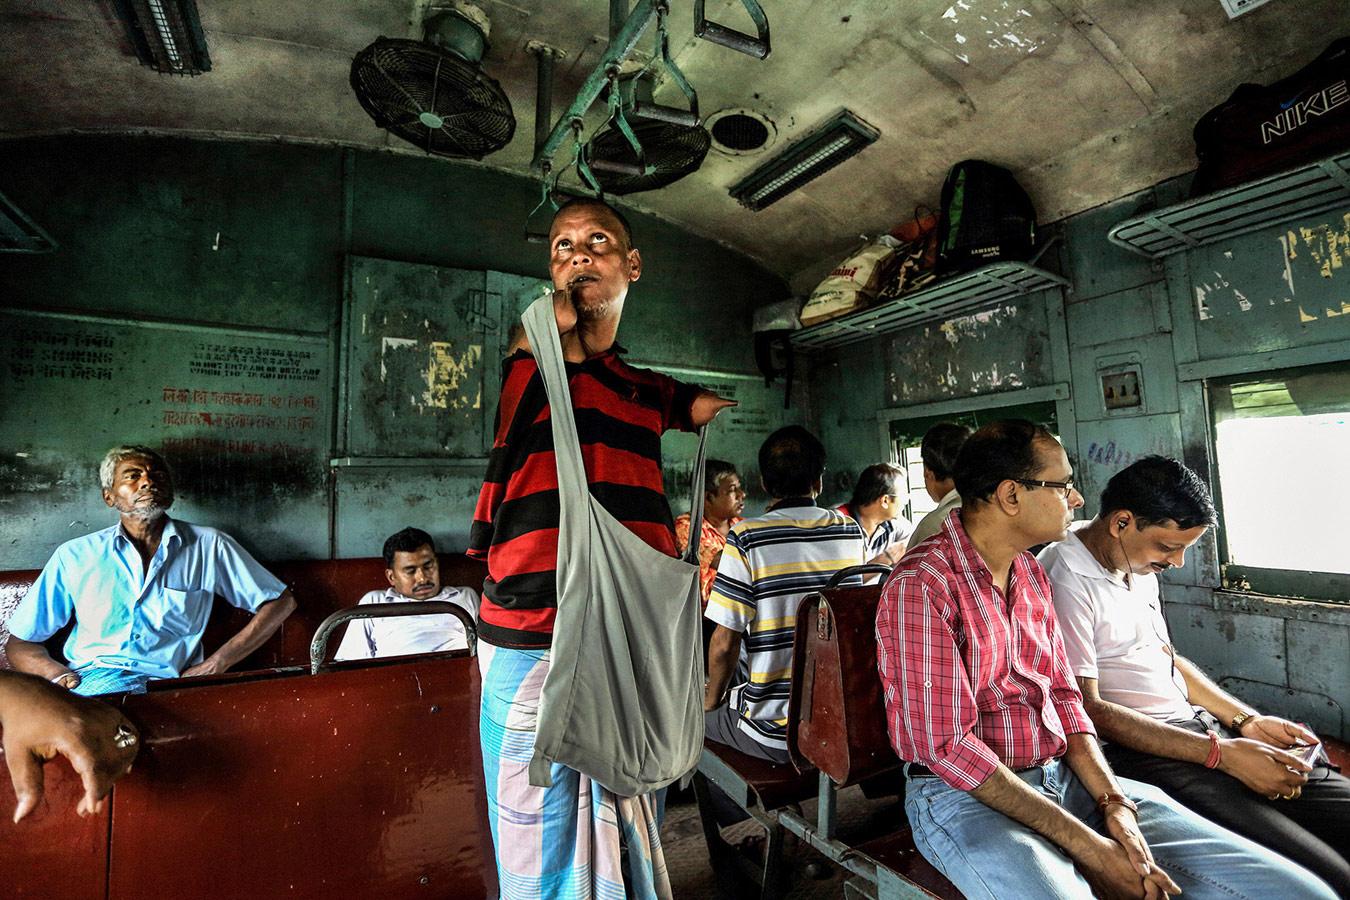 Надежда, © Сандипани Чаттопадхай, Индия, Серебряная медаль FIAP и CEF, Фотоконкурс «Мир для всех: преодоление инвалидности» — ONCE